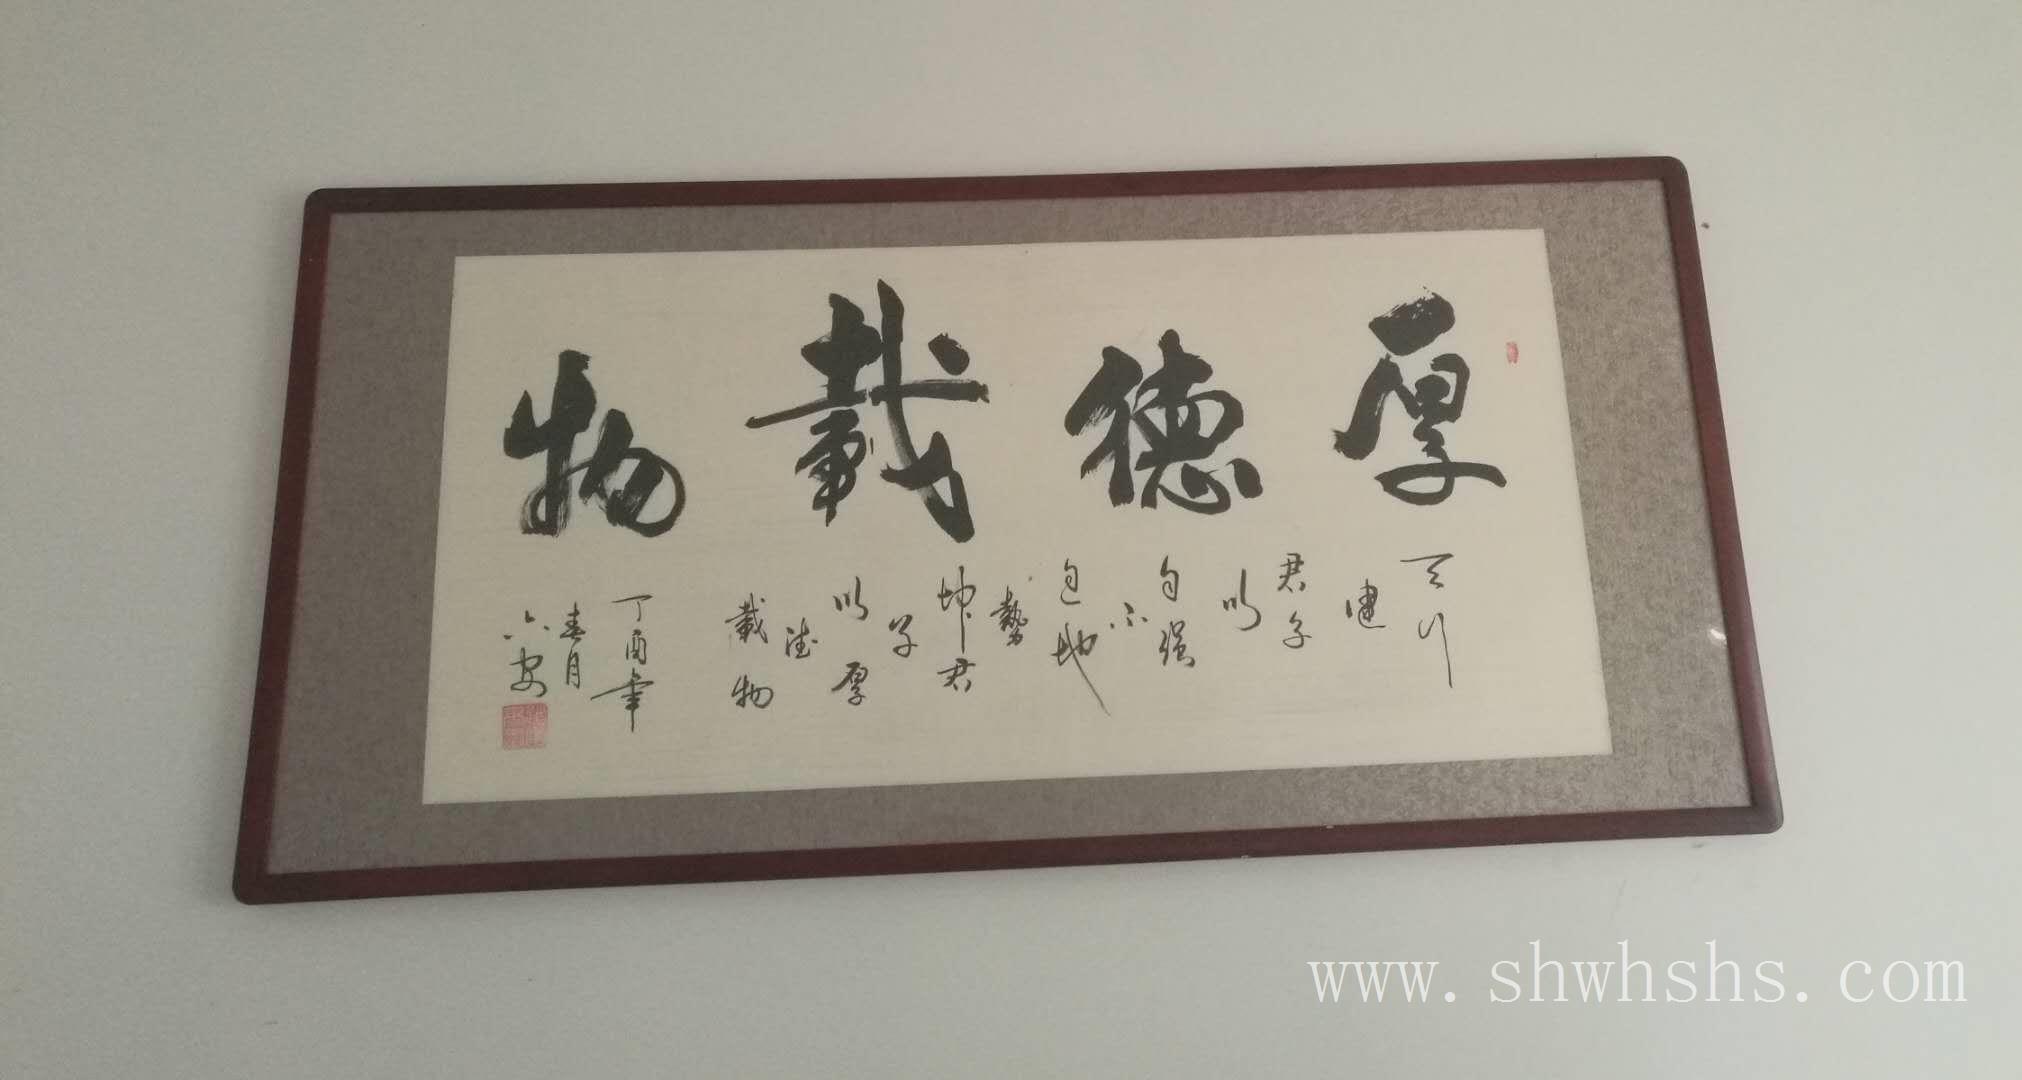 上海花鸟字画制作_六安花鸟字画制作厂家